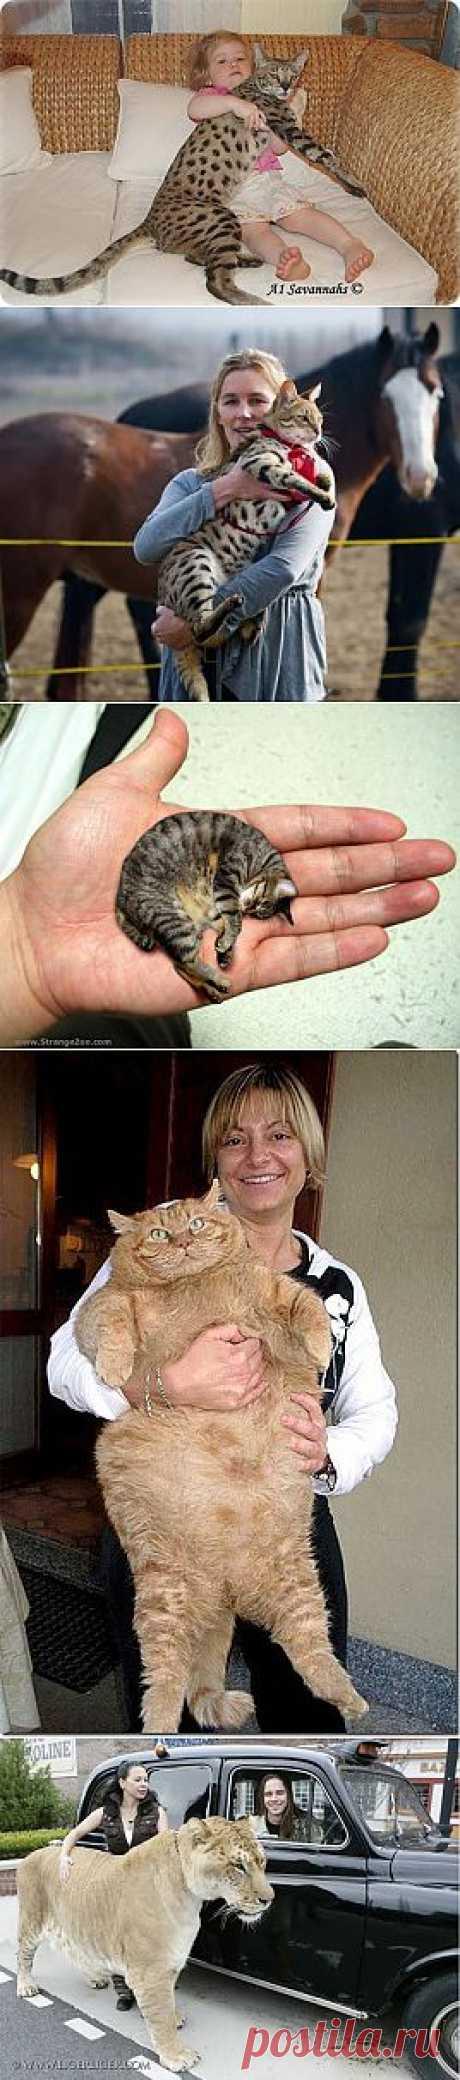 Самые большие кошки в мире фото и видео. Дикие и домашние кошки